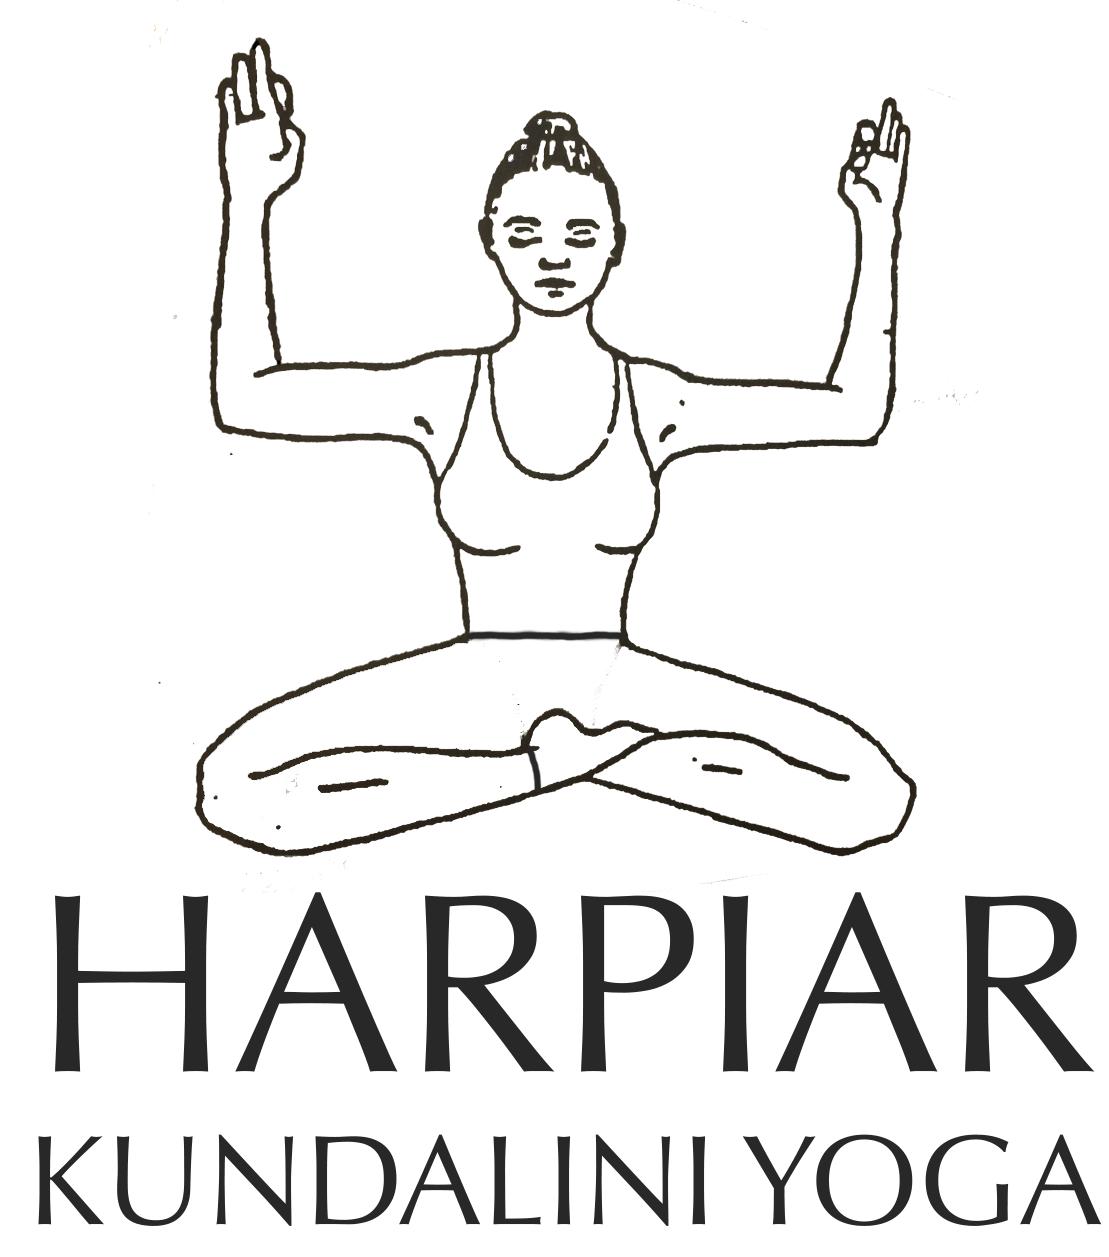 Harpiar